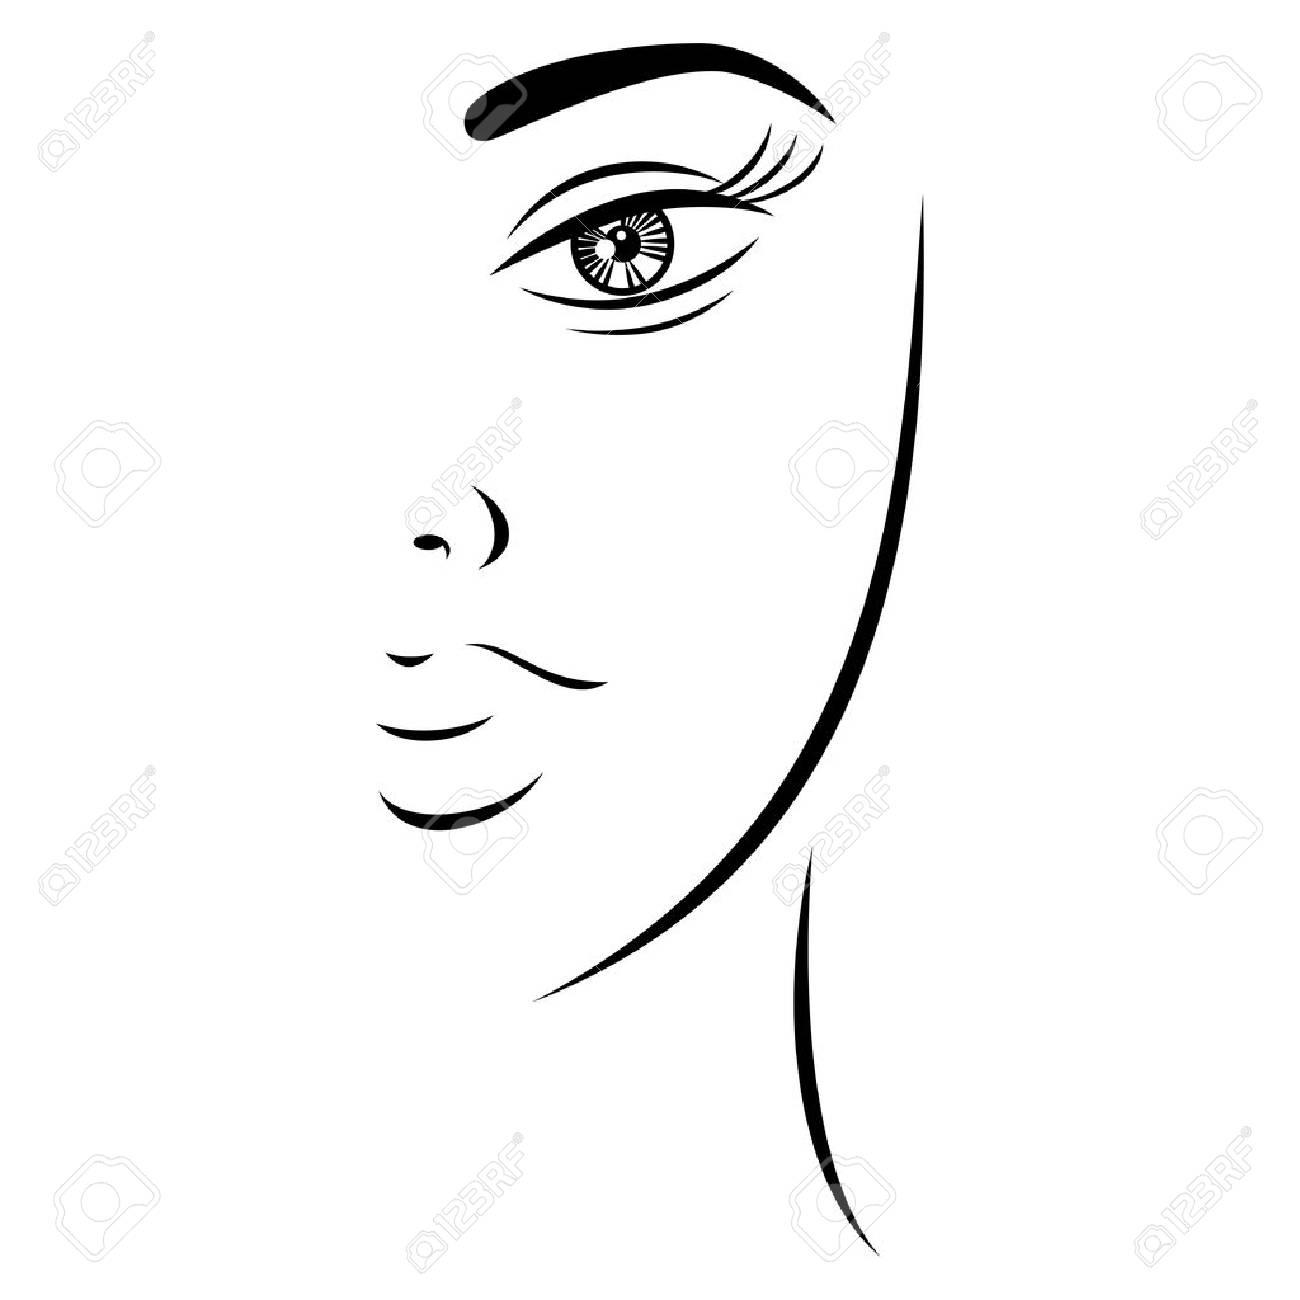 Esquisse Dessin Joli Visage De Femme Avec Un Regard Mystérieux Forme Recolorable Rapide Et Facile Isolée Du Fond Illustration Vectorielle Un élément